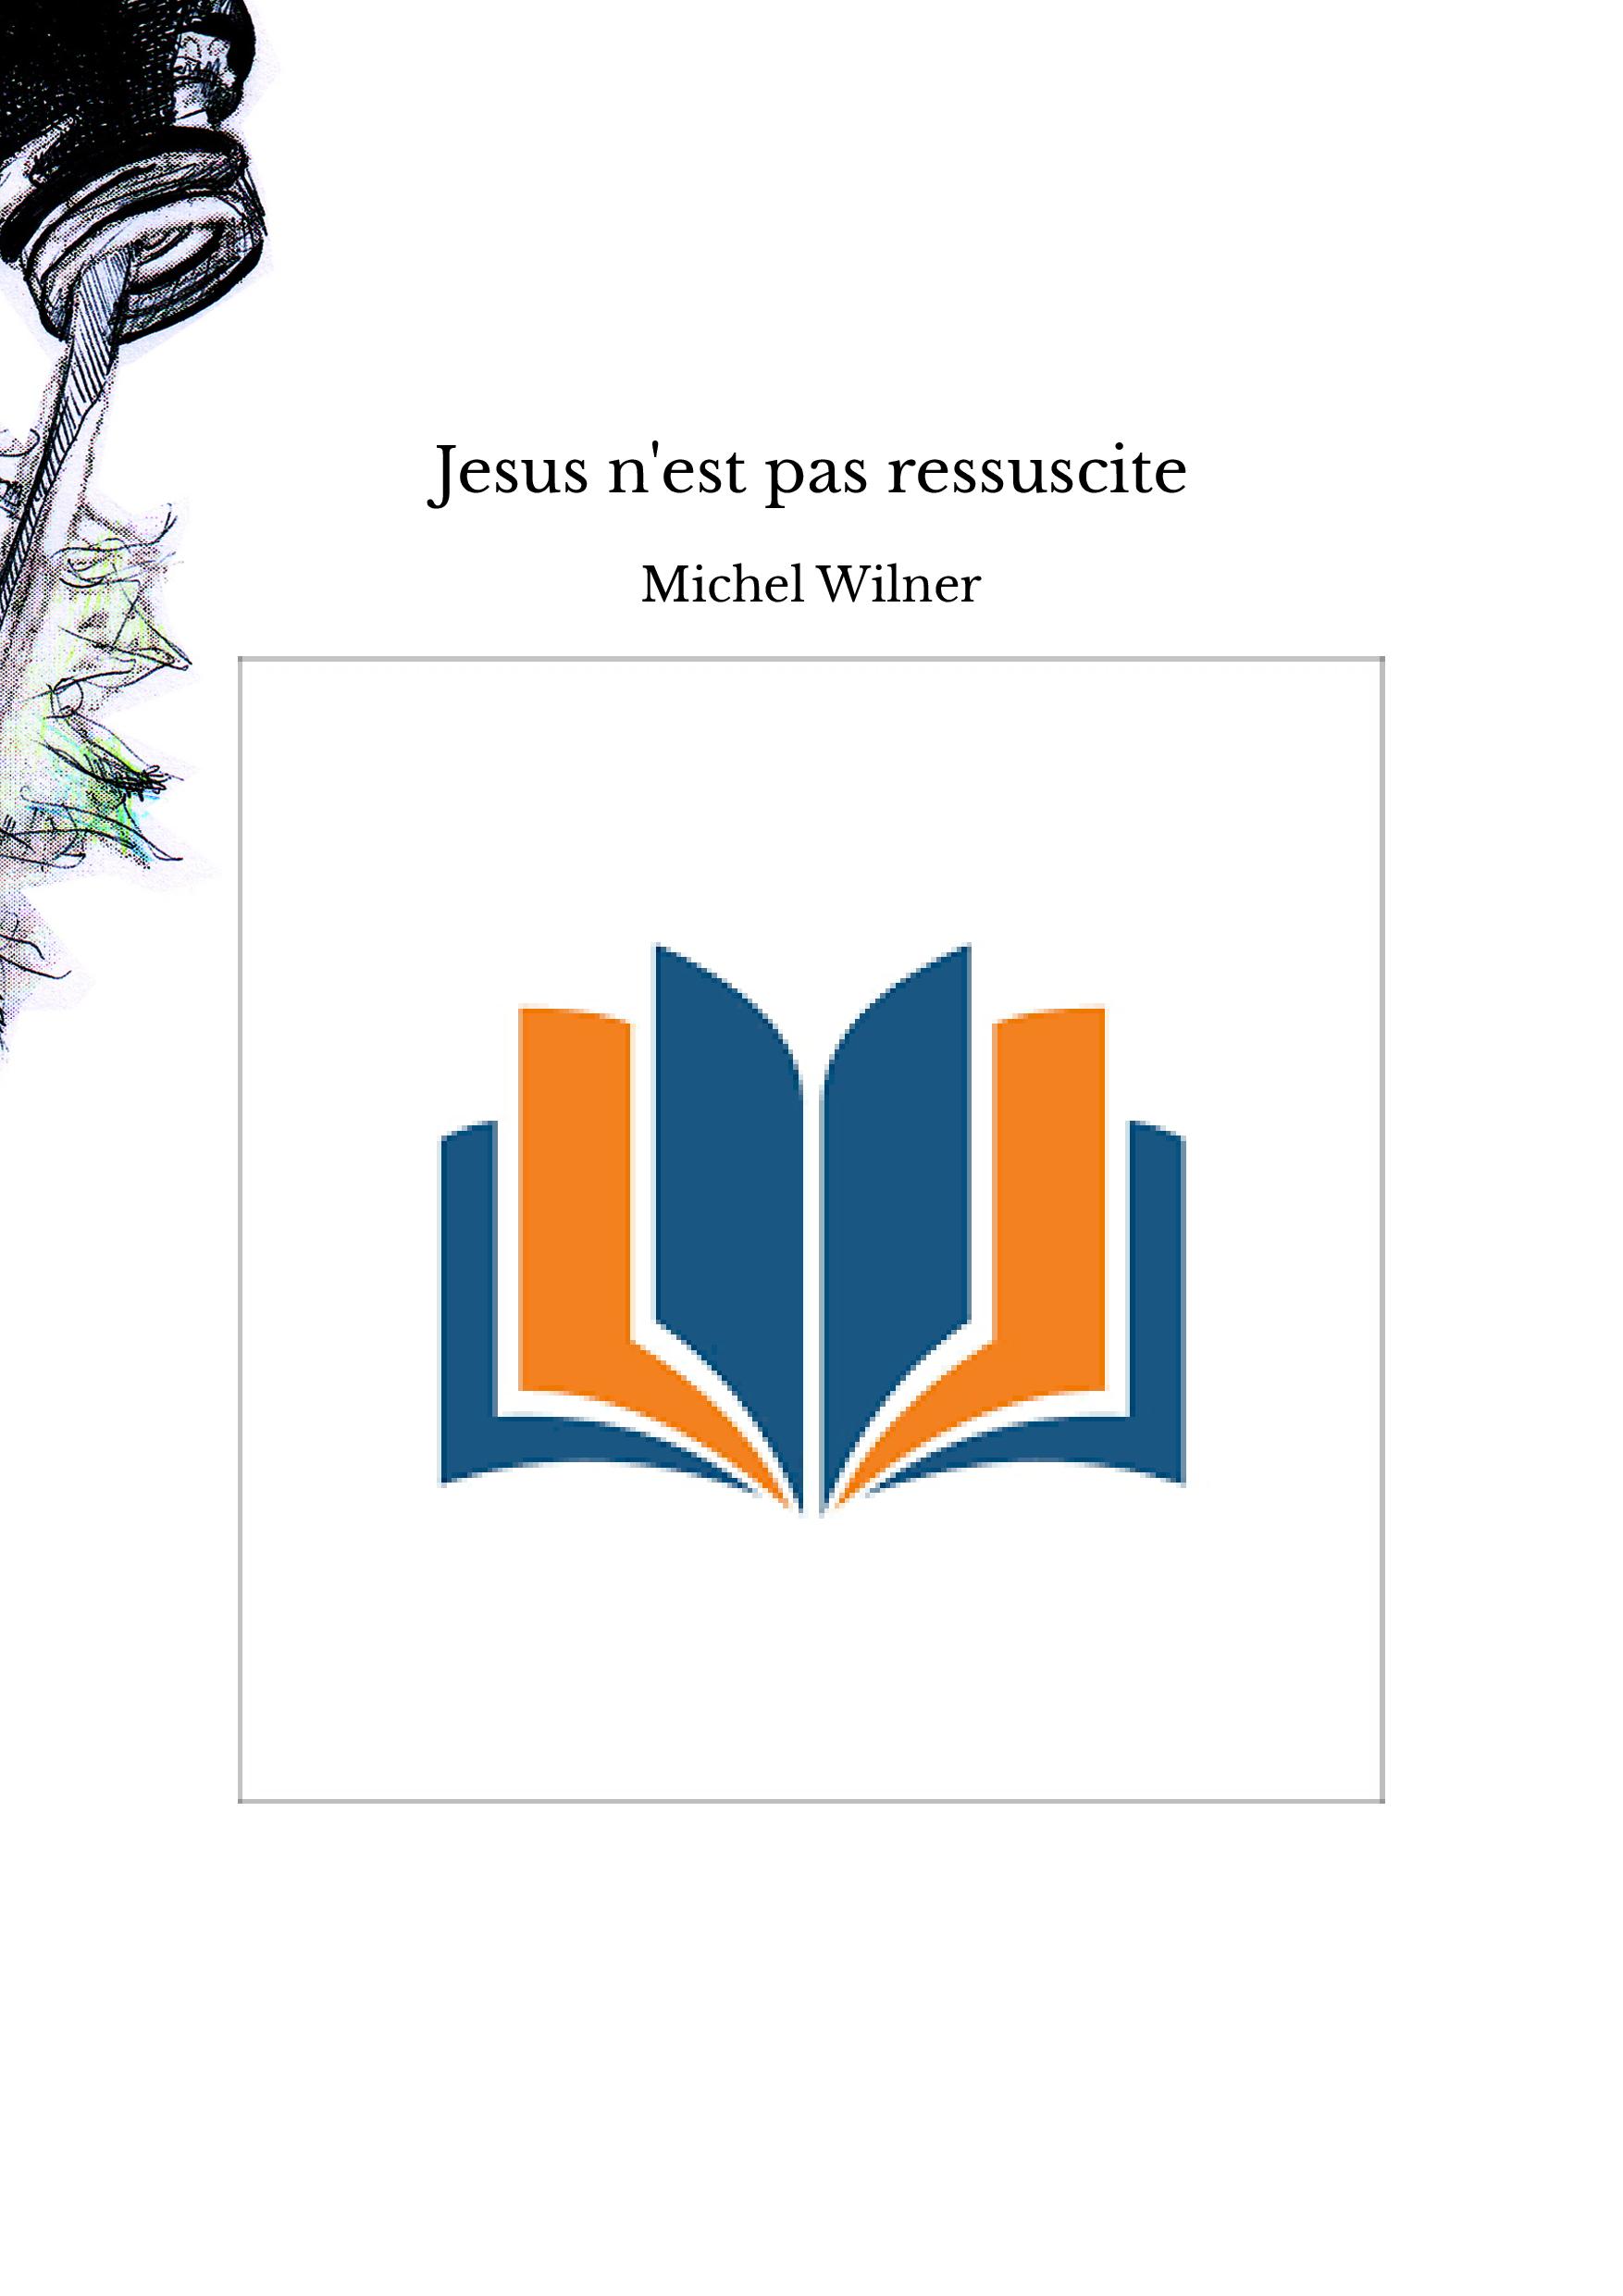 Jesus n'est pas ressuscite